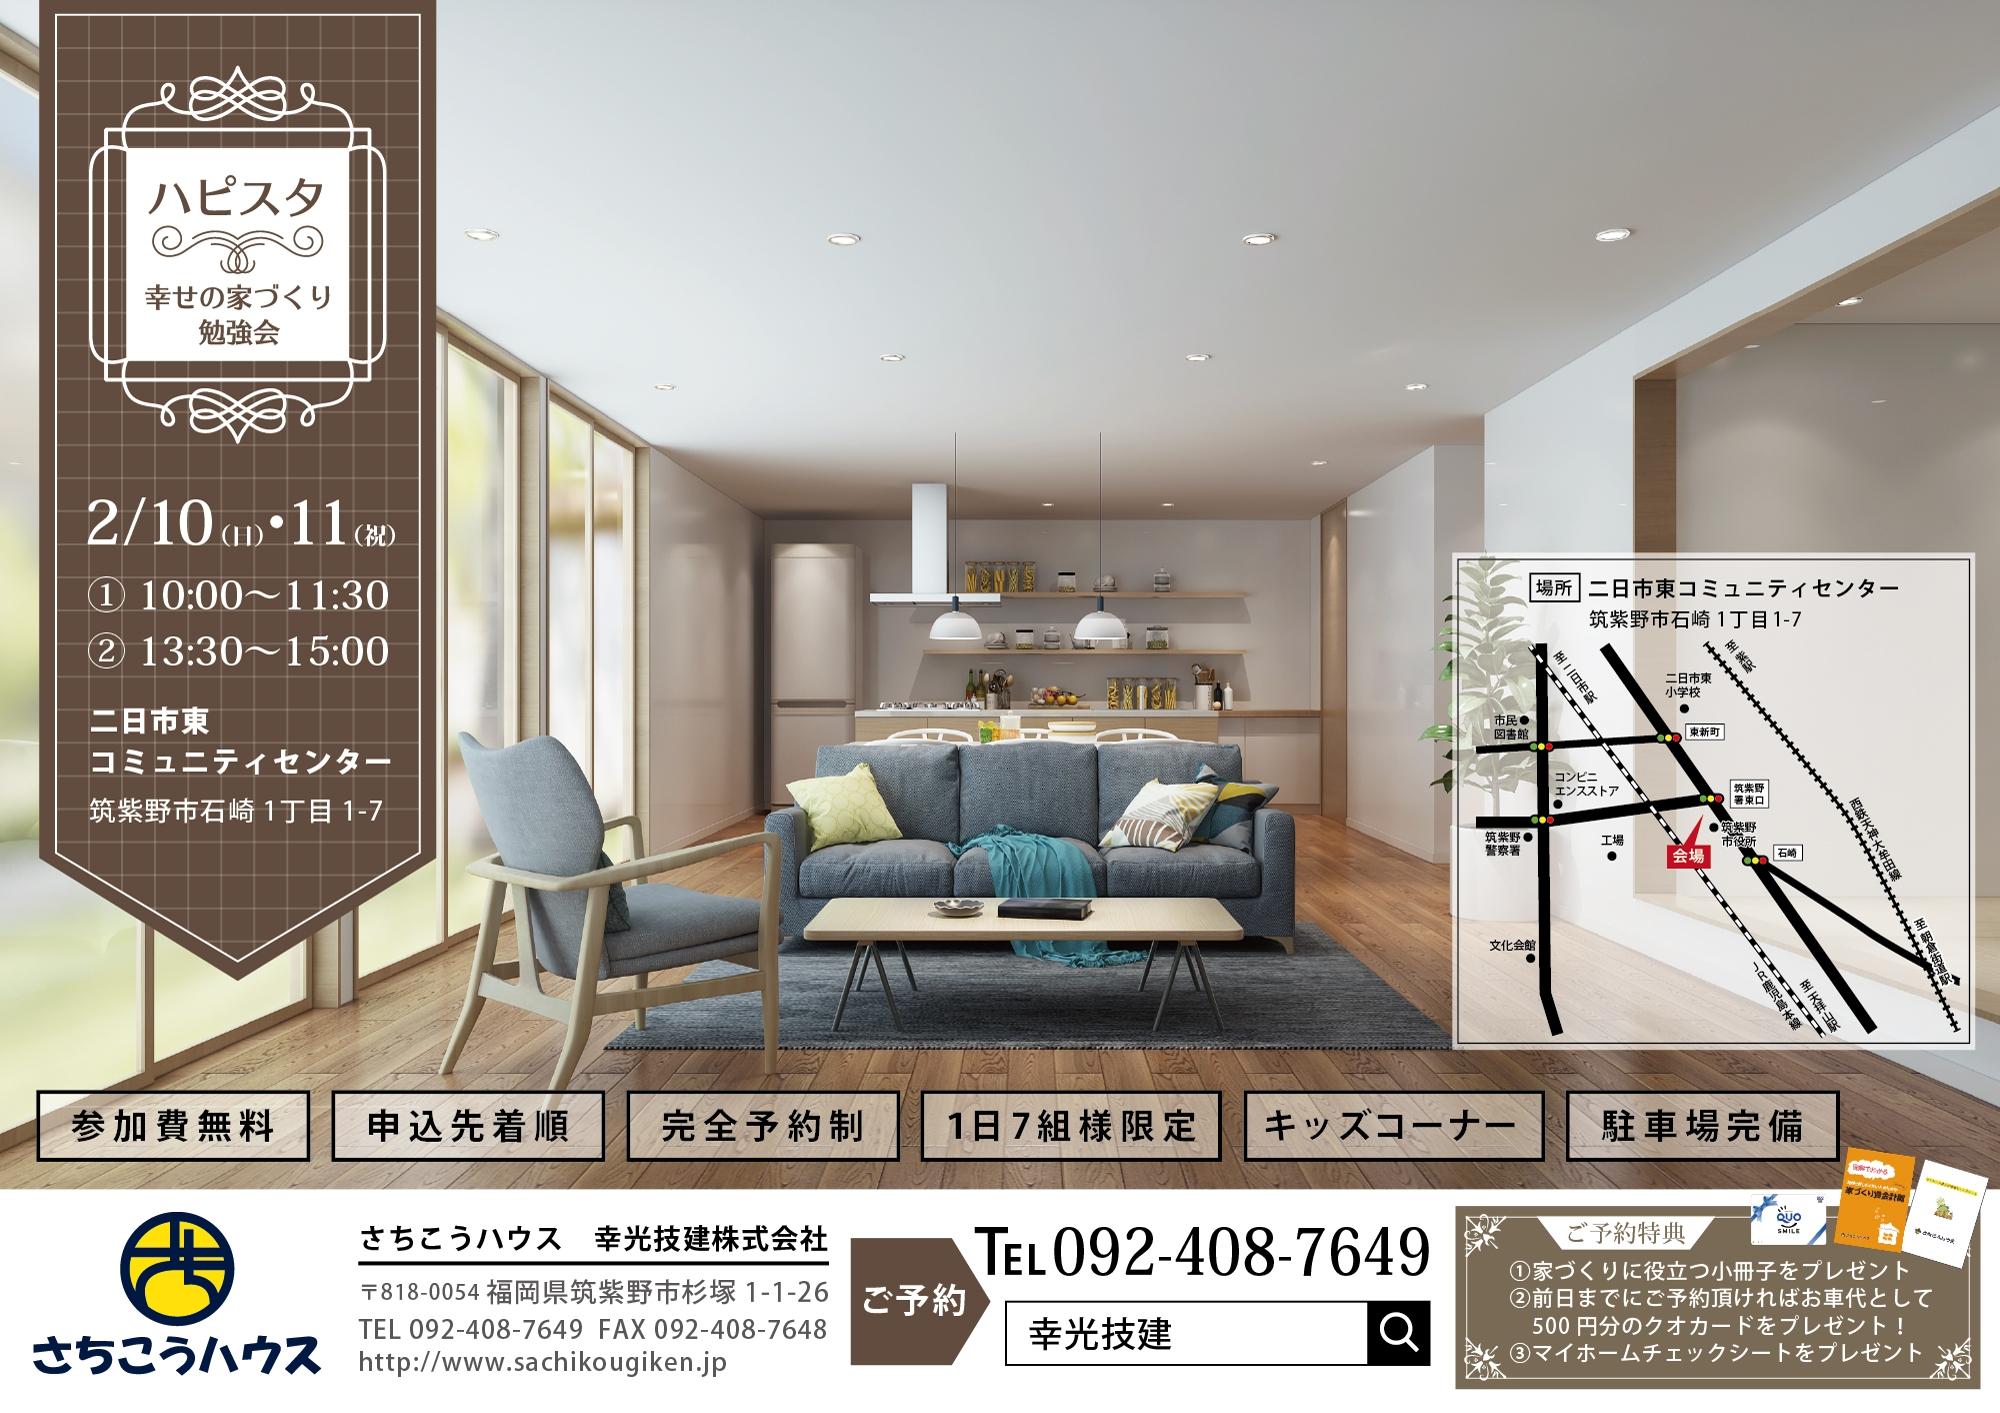 ハピスタ_二日市東コミュニティセンター_表_0.jpg